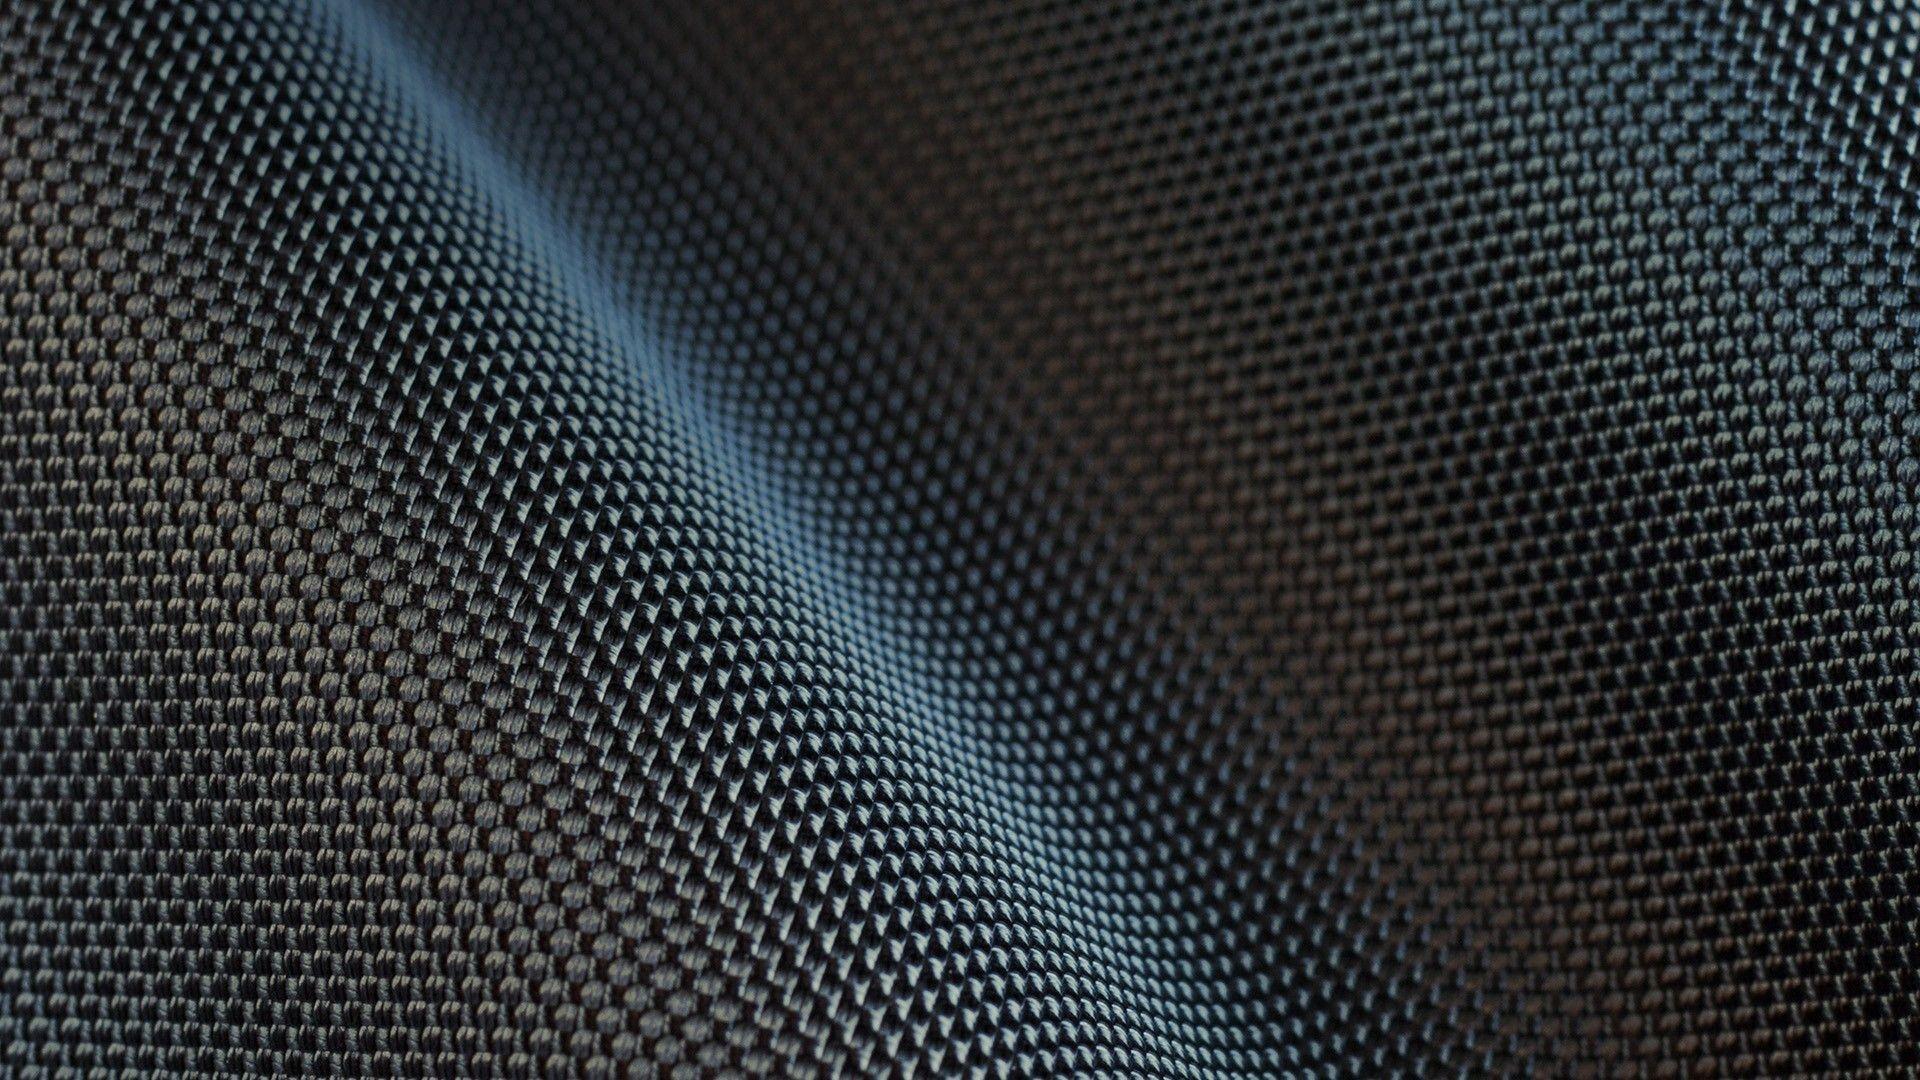 Unique Carbon Fiber Wallpaper